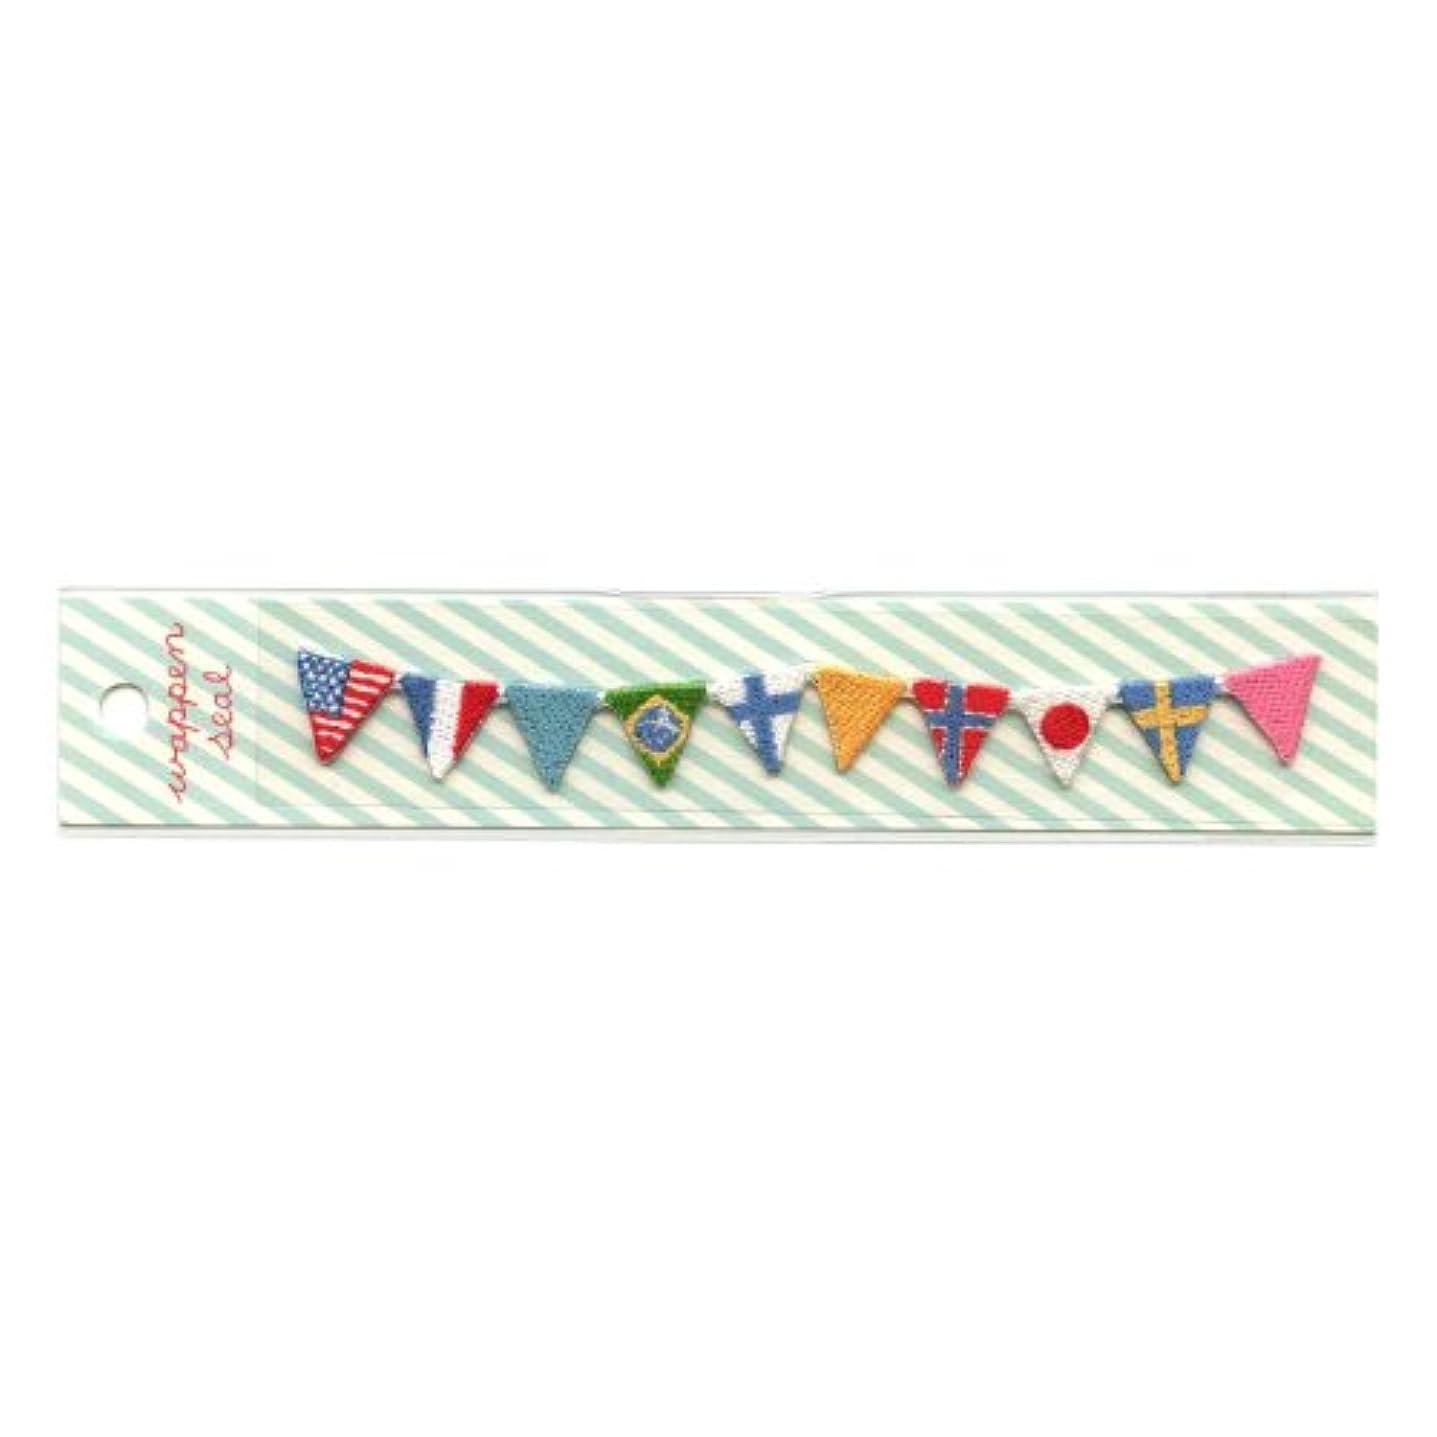 証言する興奮闇リュリュ 刺繍ワッペンシール 国旗 SWS−12